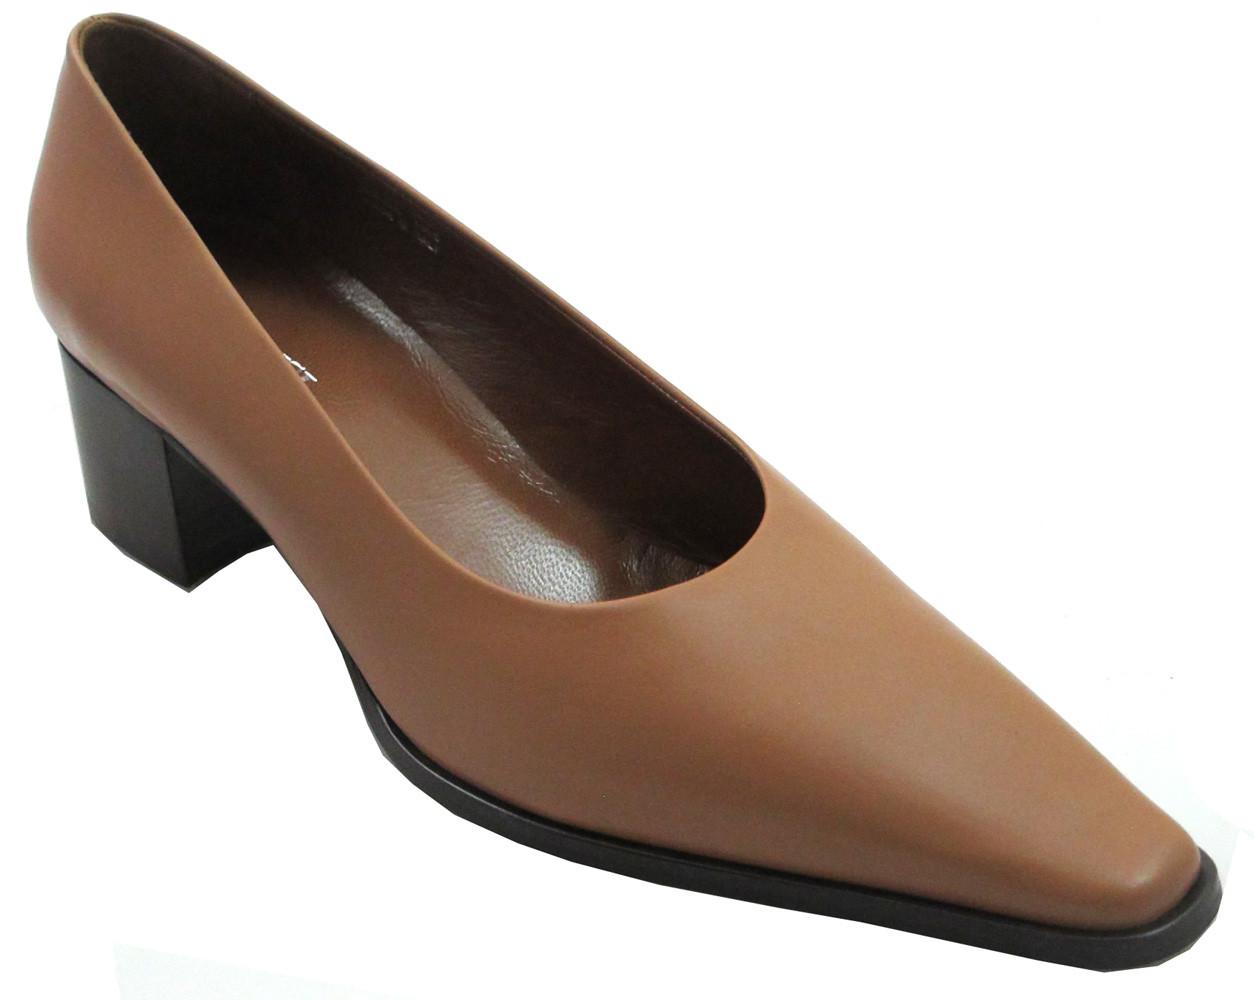 18d70d13b Davinci 4140 Women's Italian Pointed Toe Low Heel Shoes in Tan